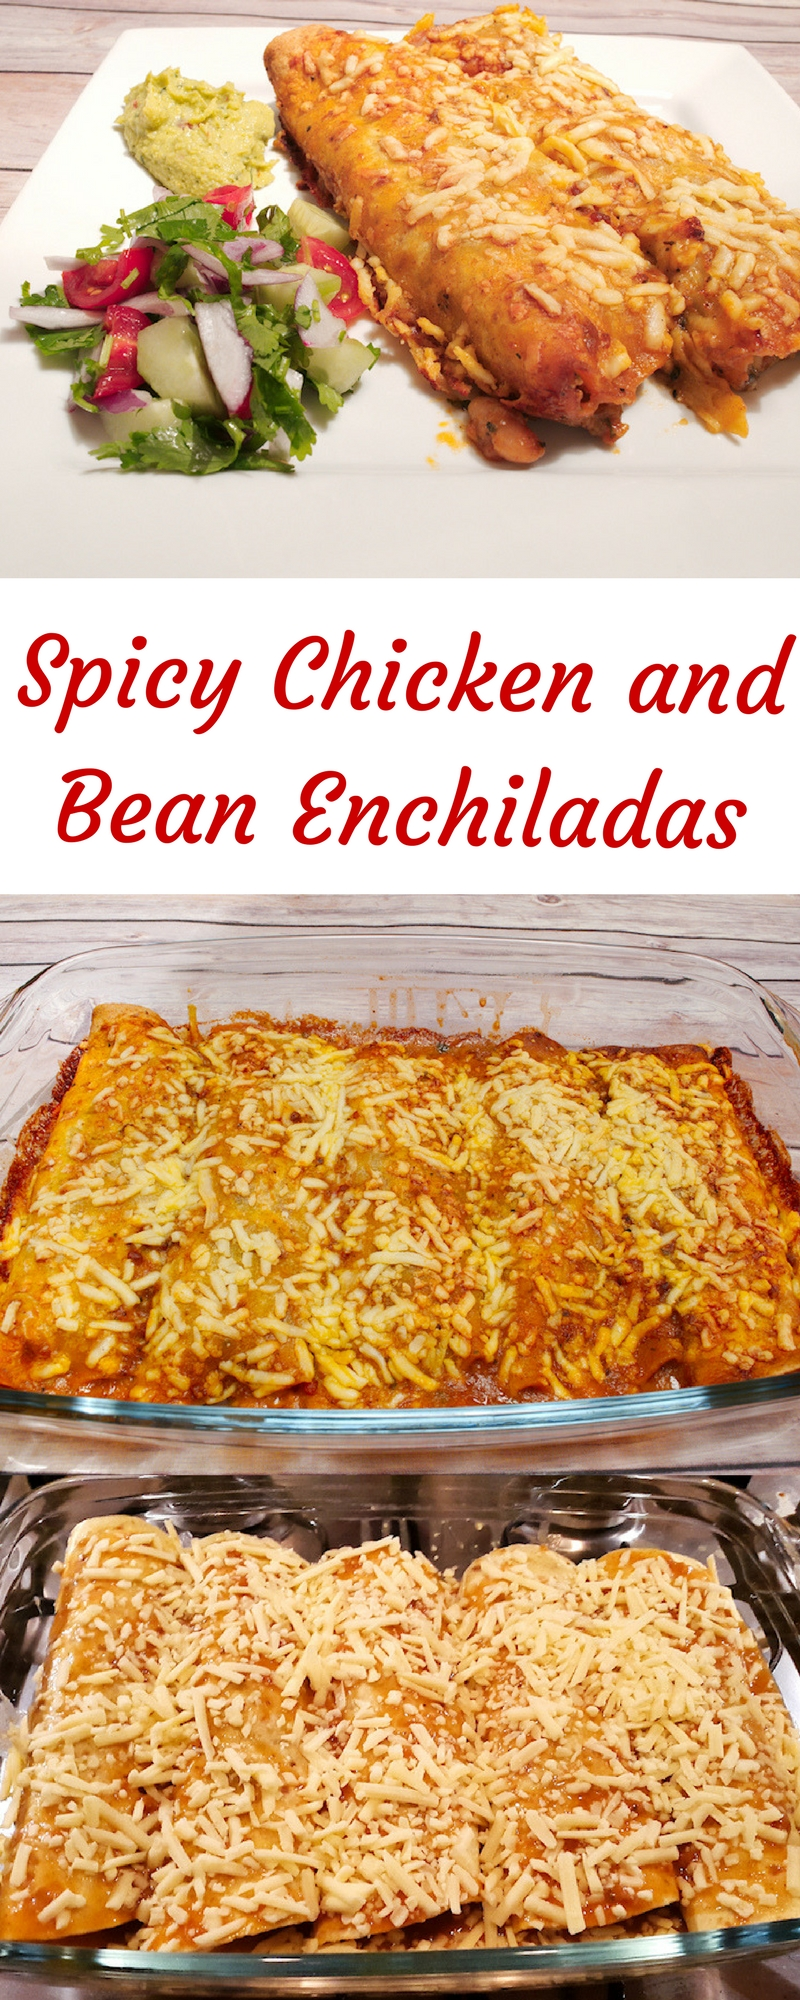 Spicy Chicken and Bean Enchiladas